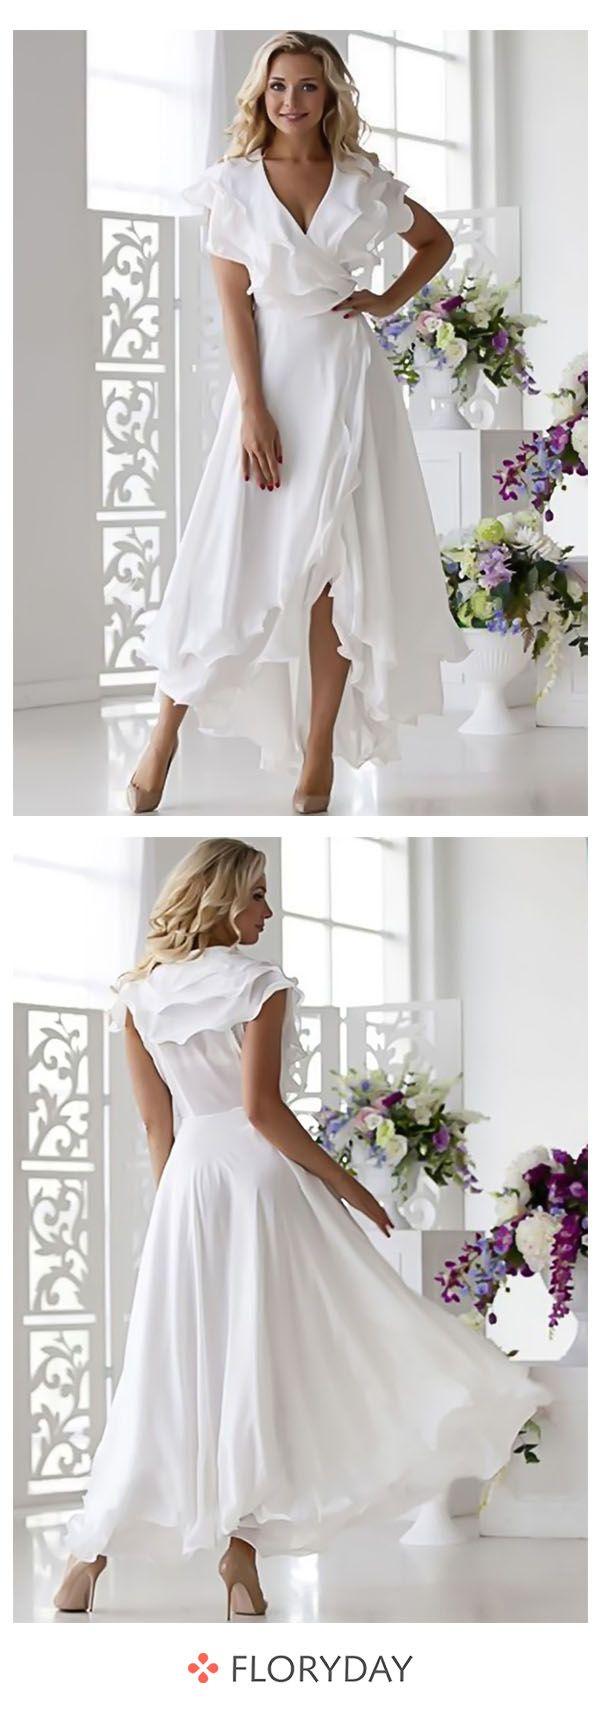 Asymmetrisches Kleid it kurzen Ärmel und Rüschen